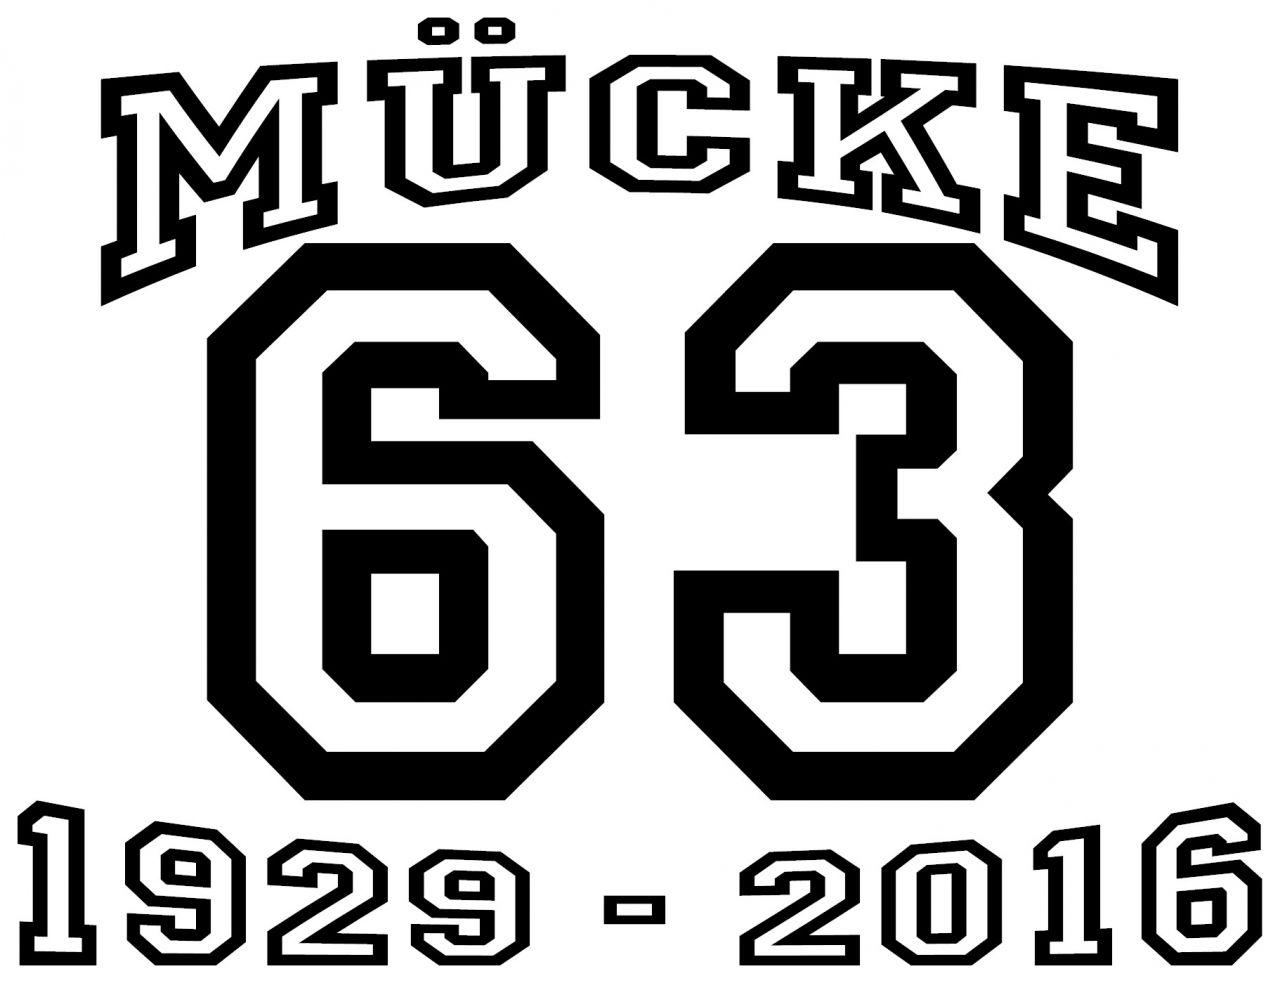 Mücke 63